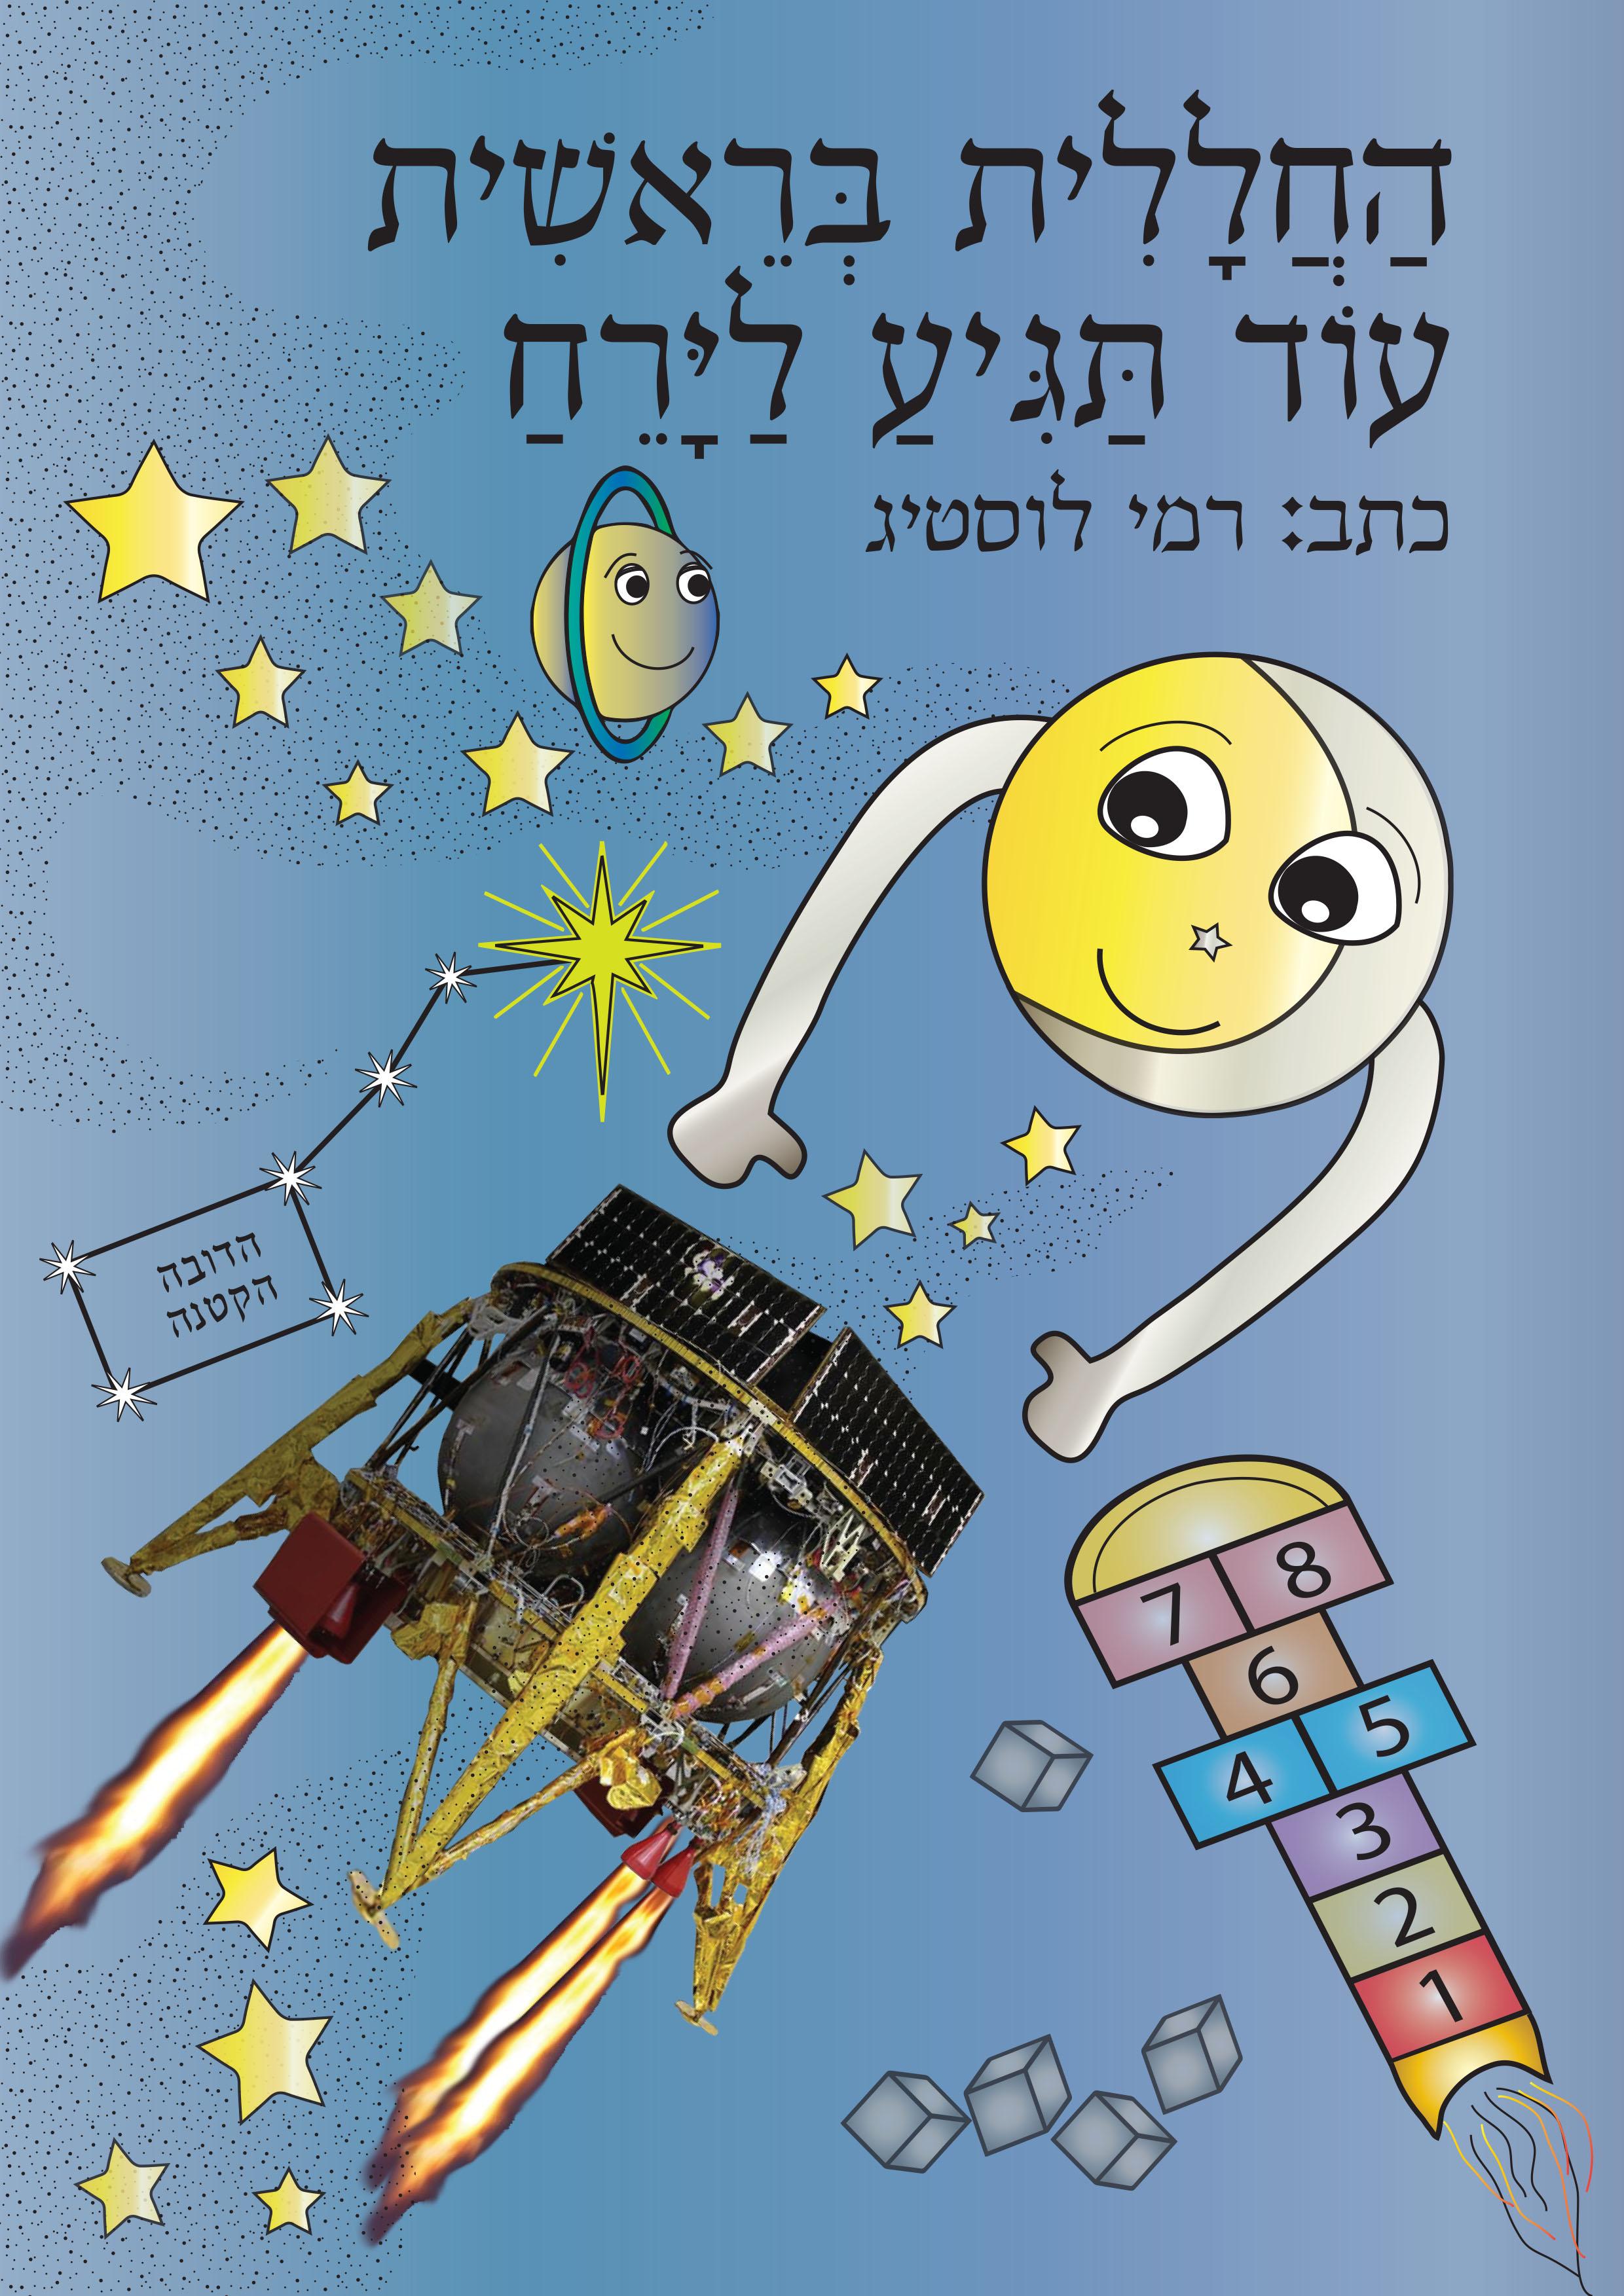 החללית בראשית עוד תגיע לירח by kobi lustig - Illustrated by רמי לוסטיג - Ourboox.com